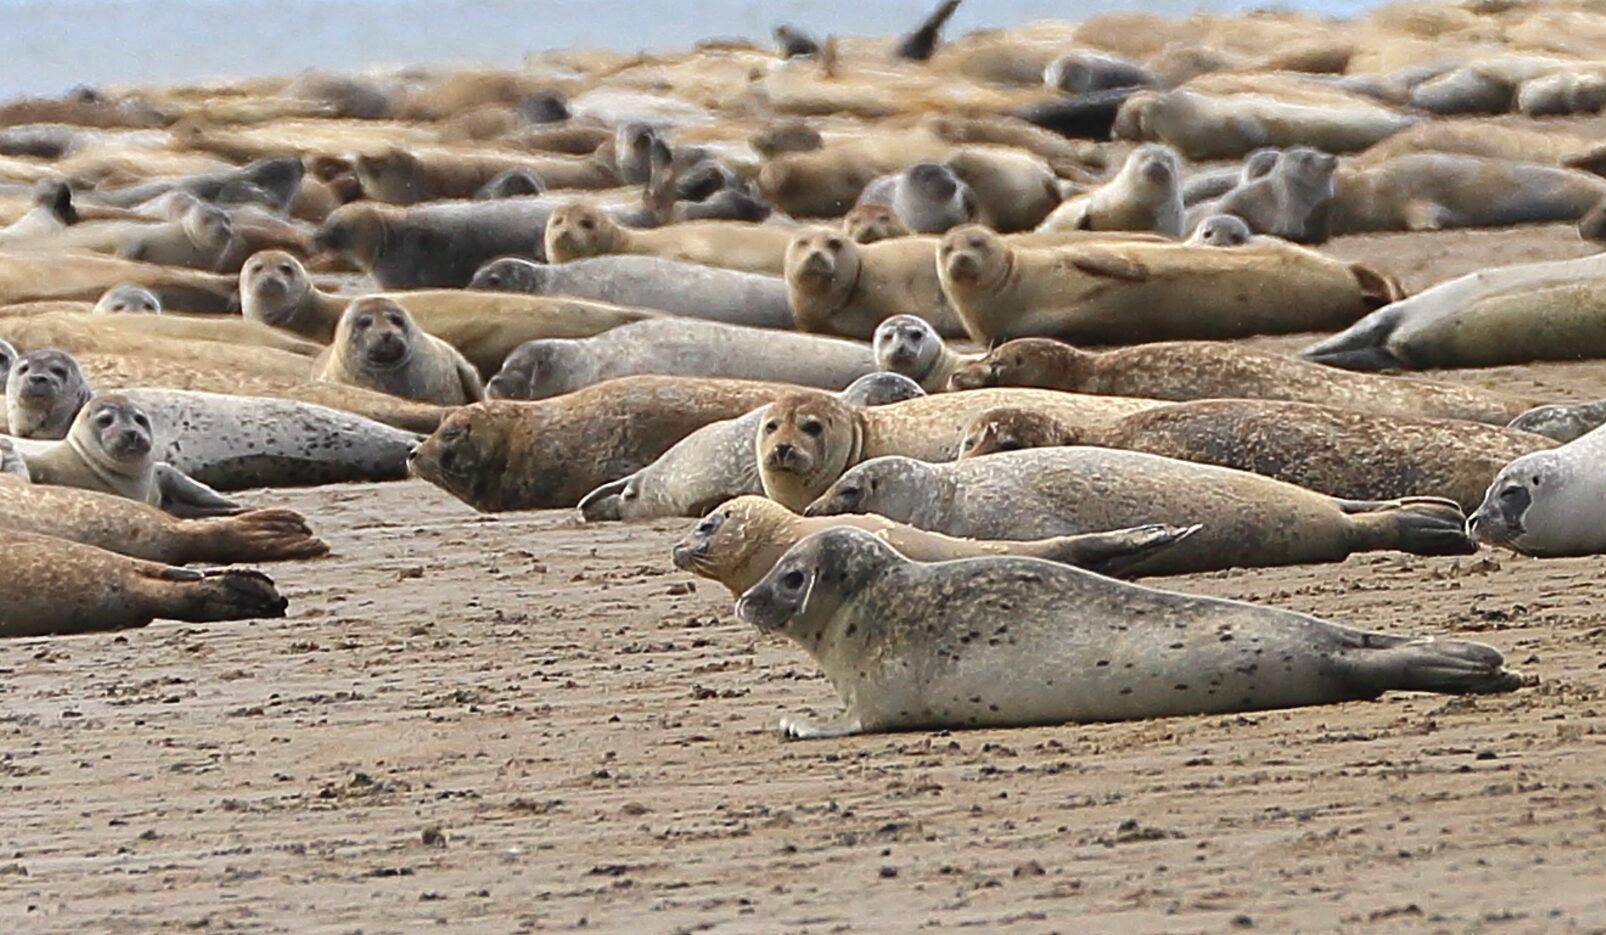 Seals on Koresand sandbank in Wadden Sea